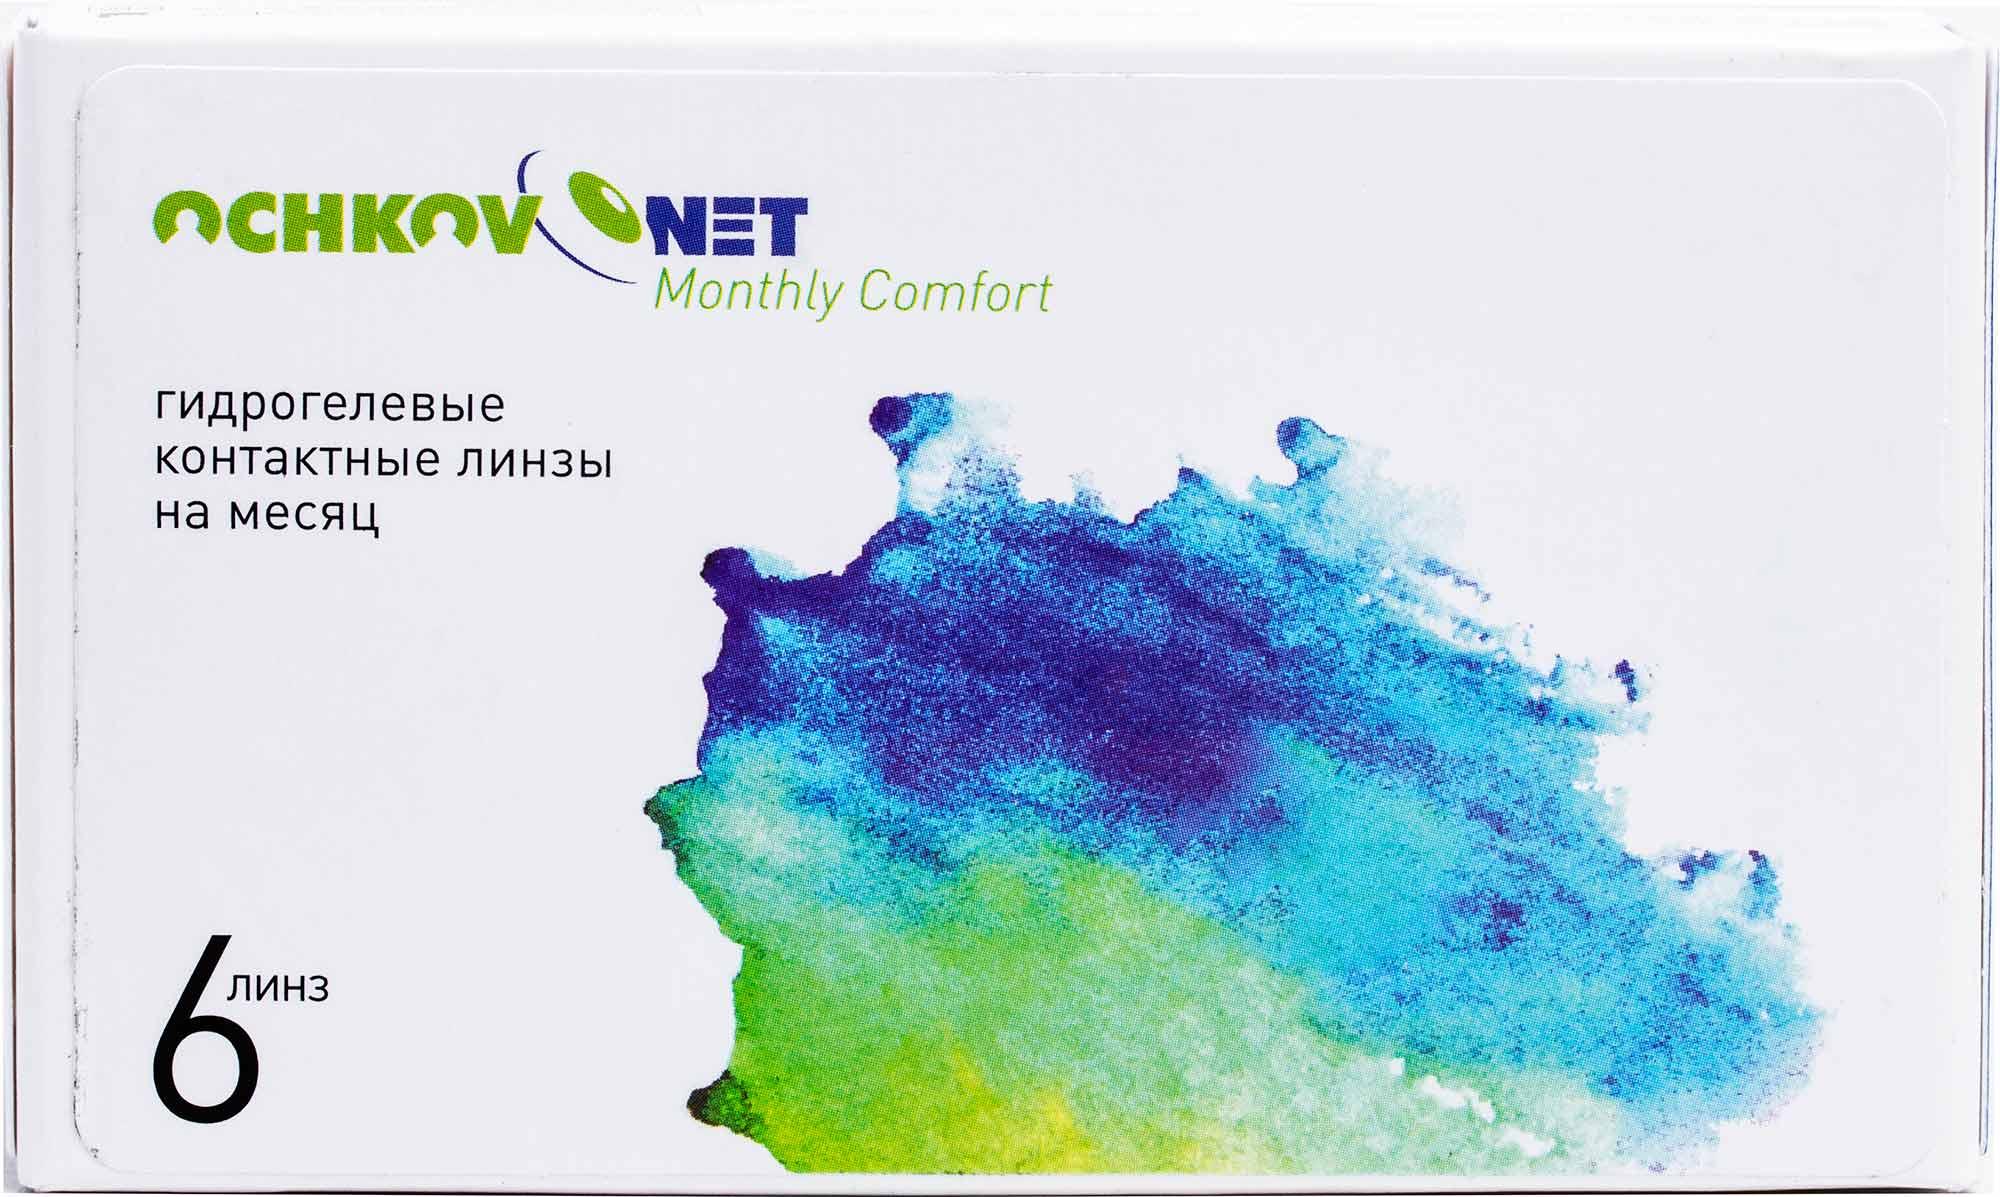 Контактные линзы Ochkov.Net Monthly Comfort (6 линз)